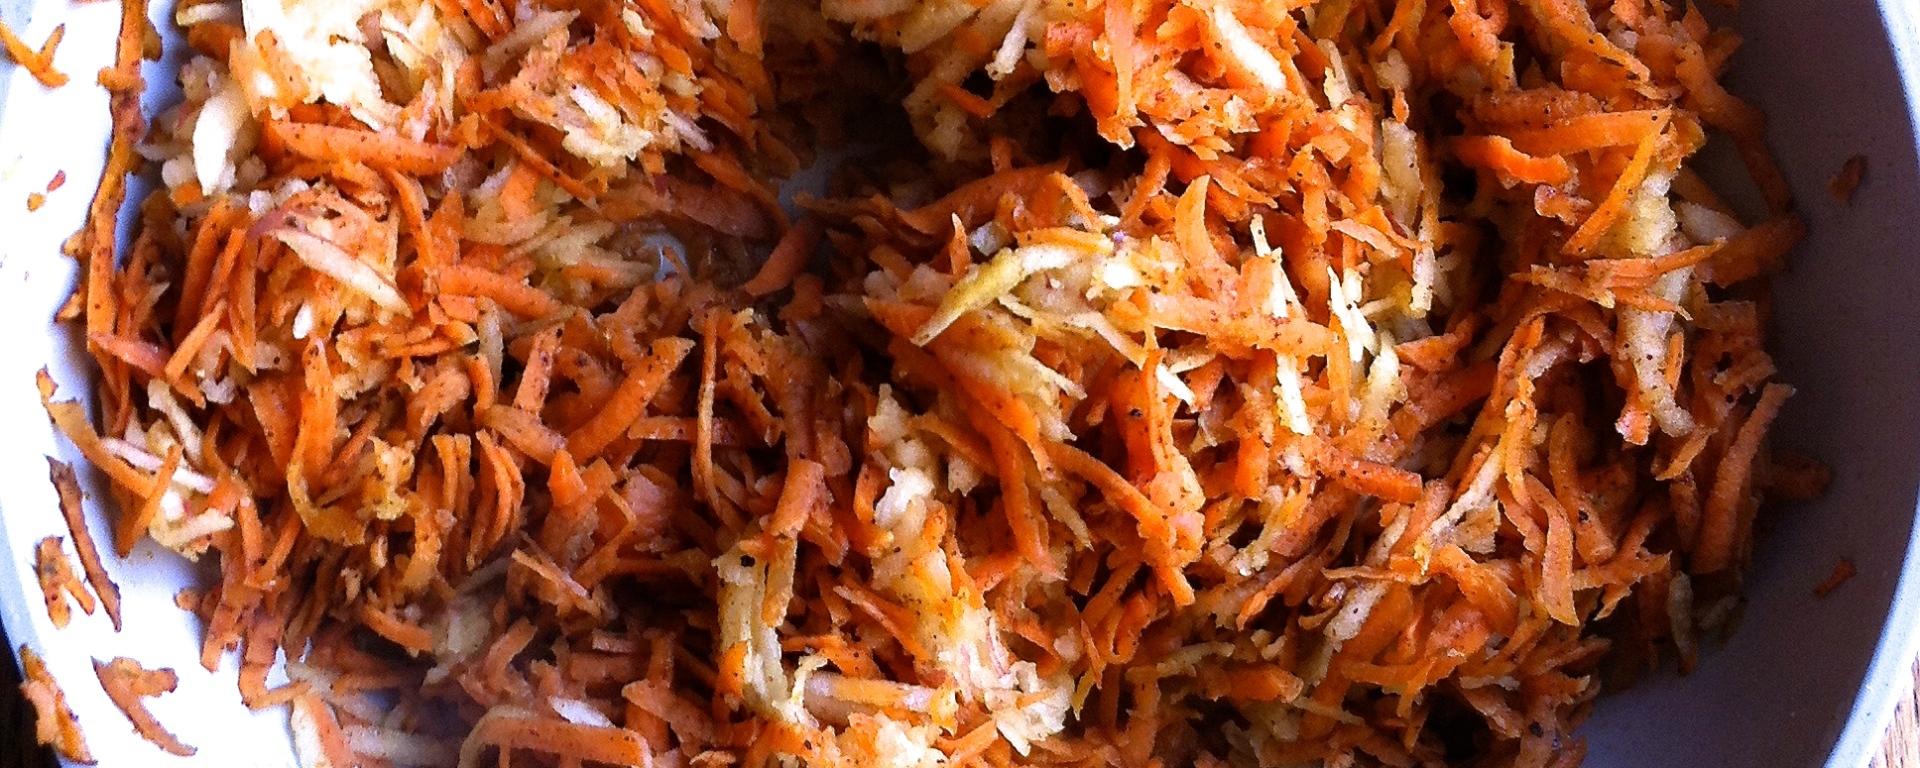 zanahorias, manzana, especias, paleo, primal, comida de verdad